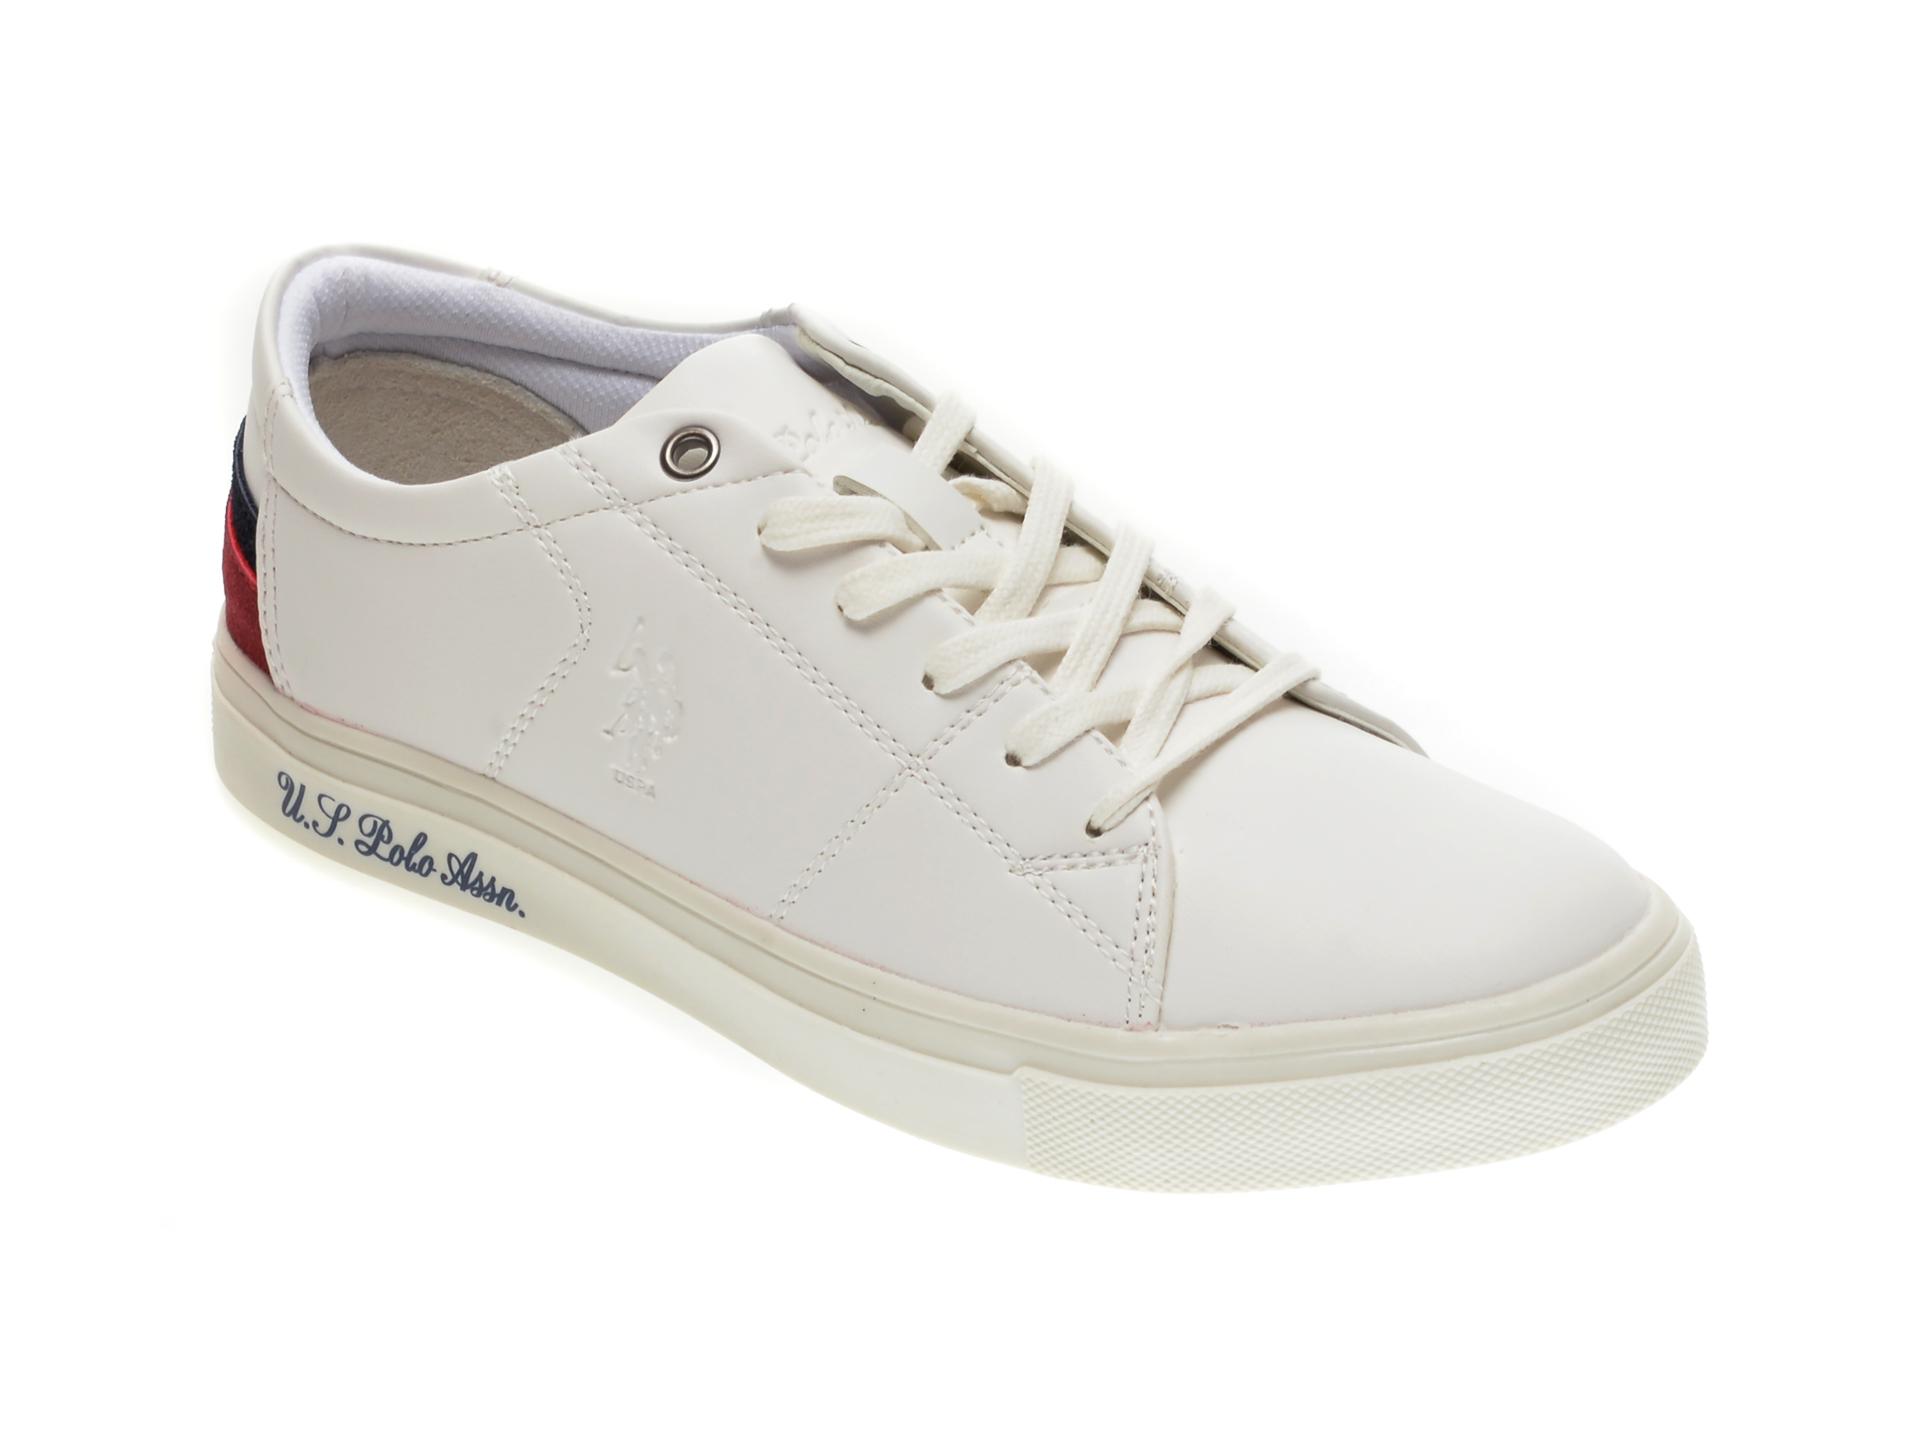 Pantofi Sport Us Polo Assn Albi, 422445, Din Piele Ecologica